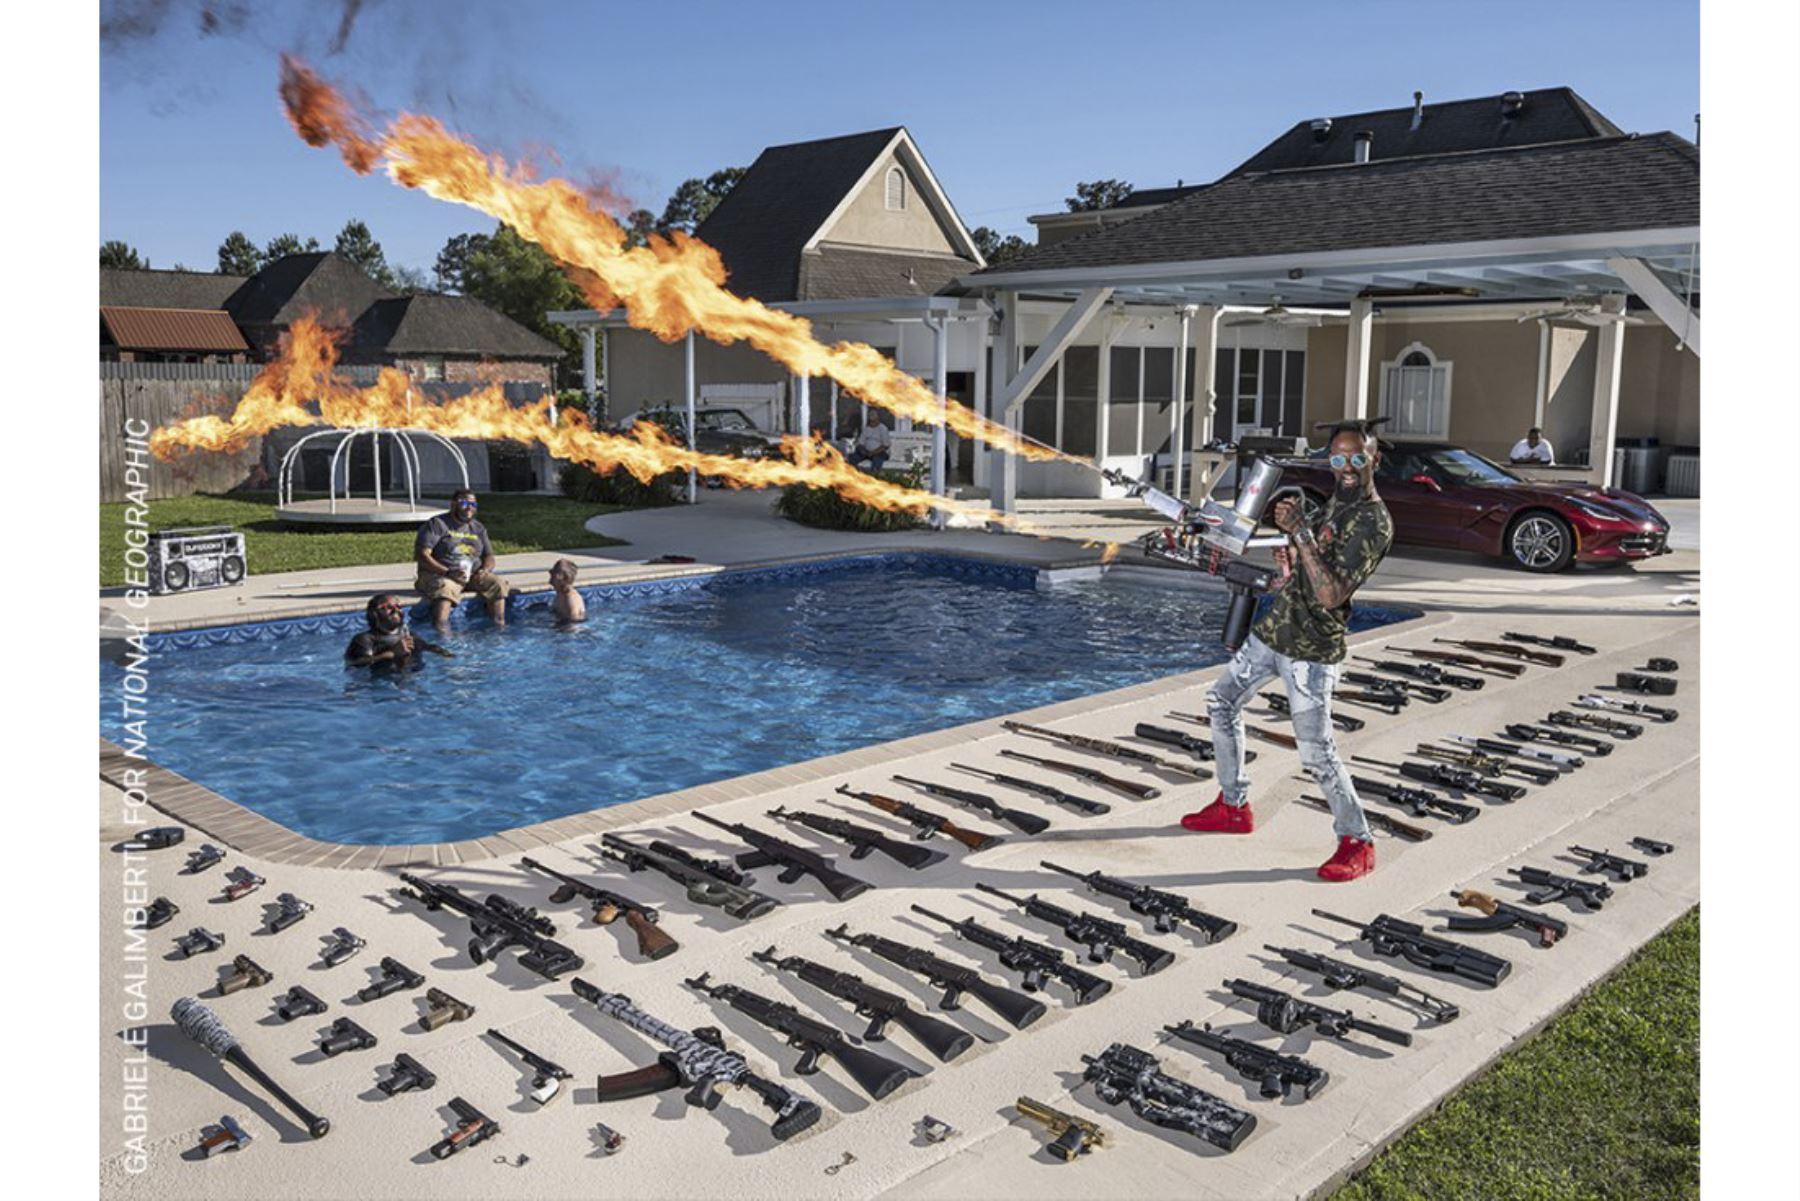 Retratos, serie: The 'Ameriguns'. Torrell Jasper de 35 años utiliza un lanzallamas en el patio trasero de su casa en Schriever, Luisiana, Estados Unidos. Foto: Gabriele Galimberti